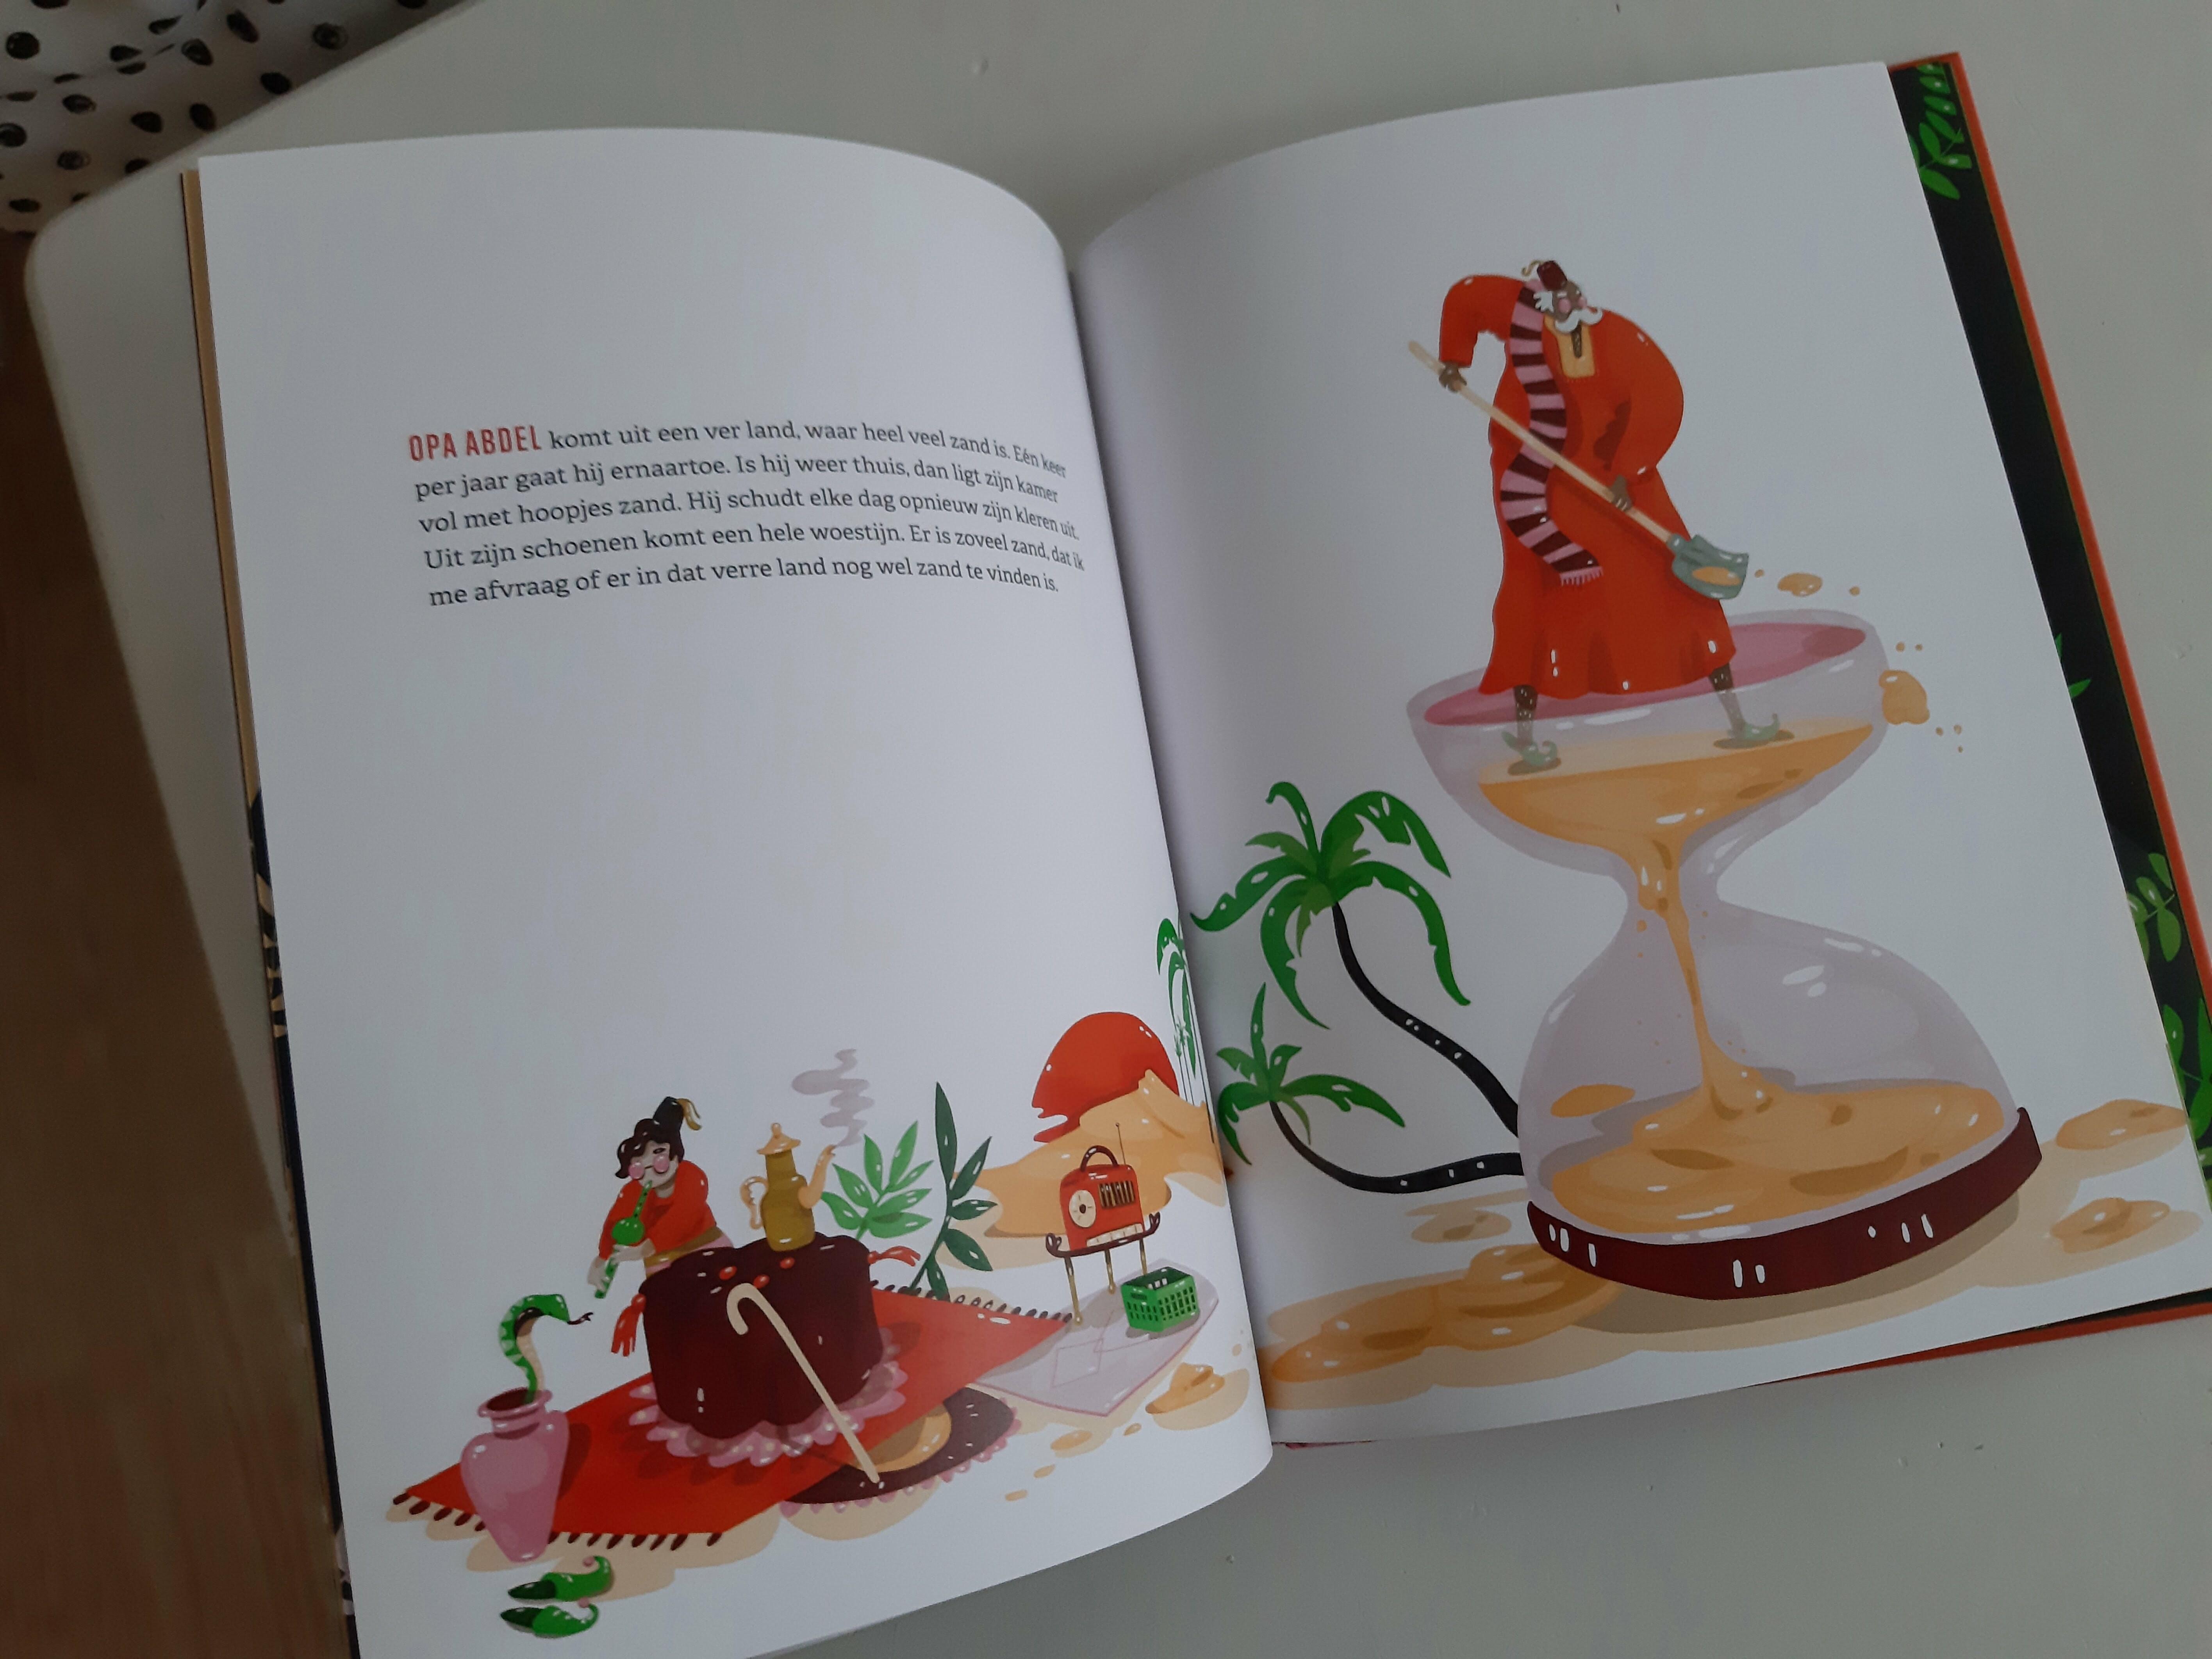 kinderboeken recensie moedersnu moedertjelief zulutions ik verzamel opa's